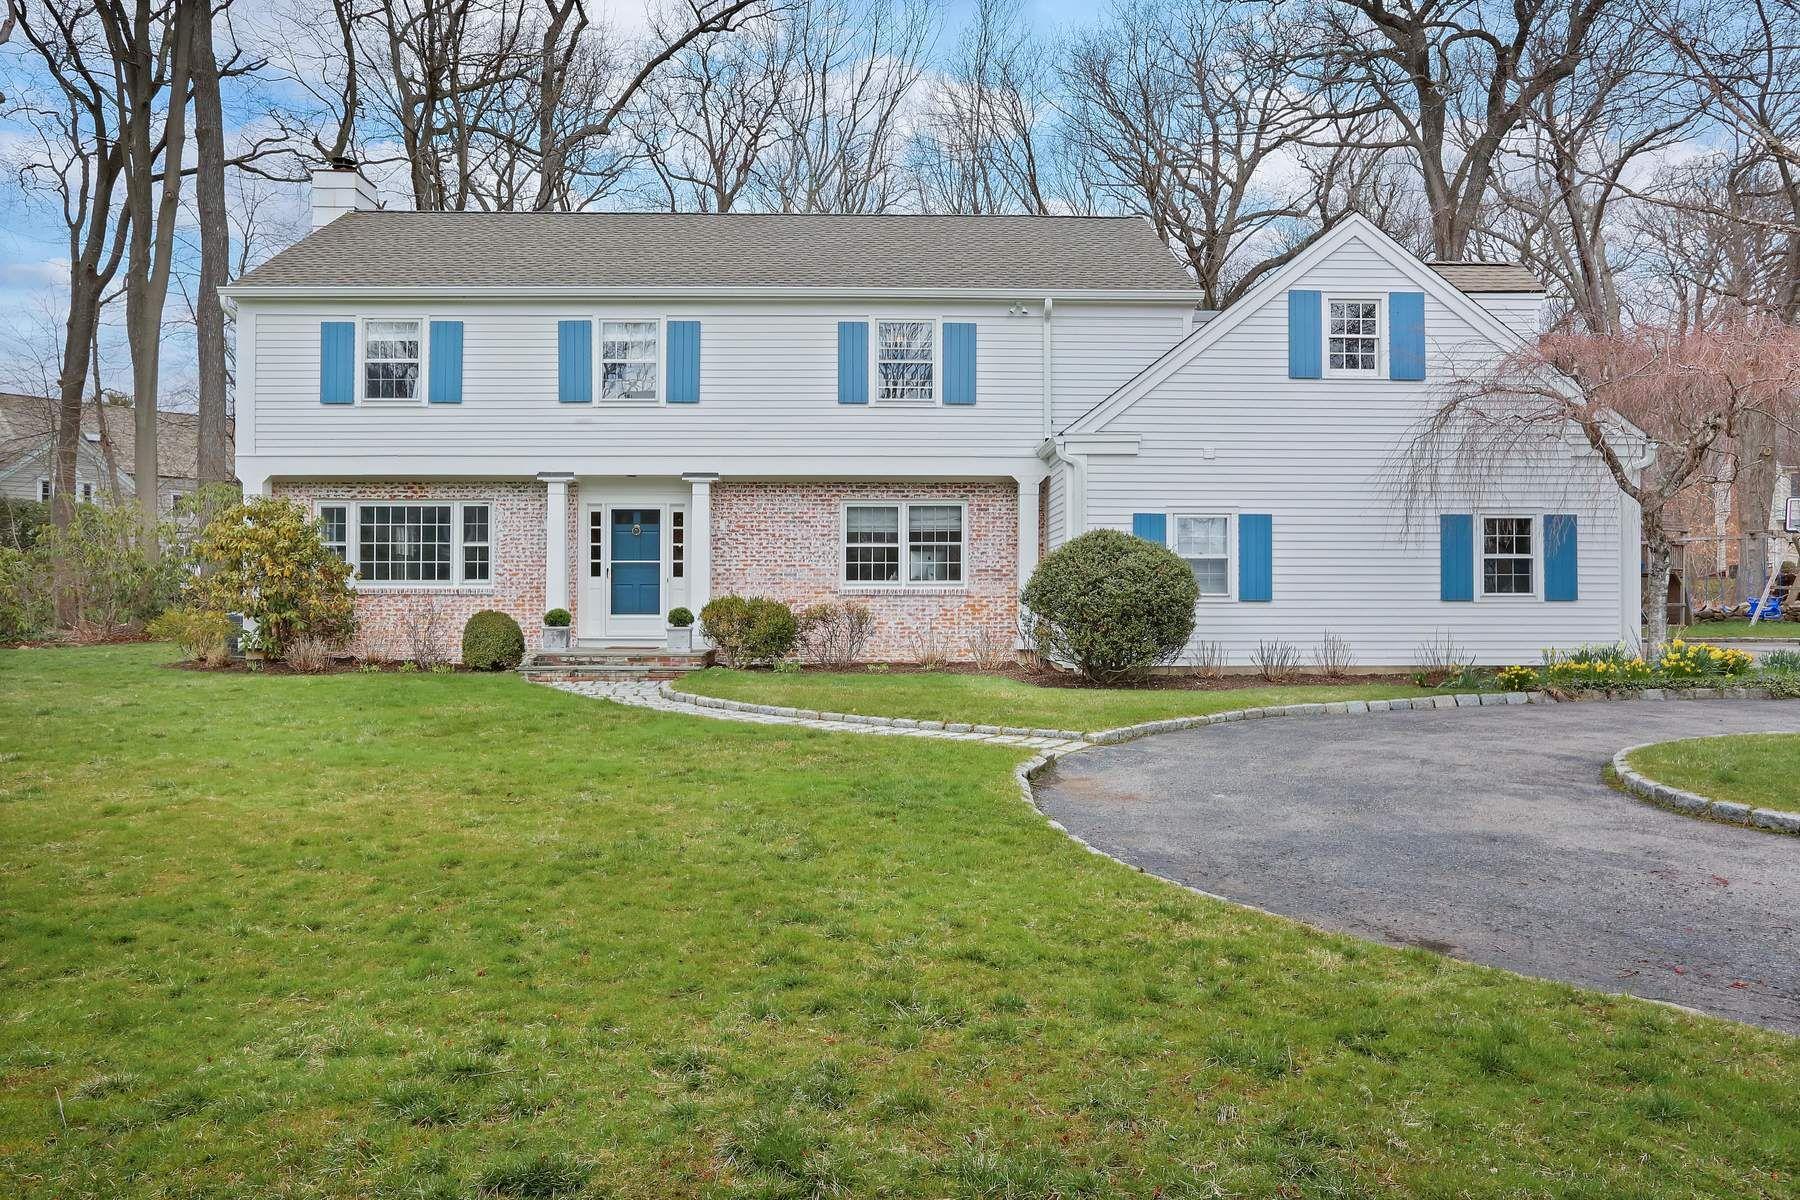 独户住宅 为 销售 在 58 Indian Head Road 58 Indian Head Road 里弗赛德, 康涅狄格州 06878 美国